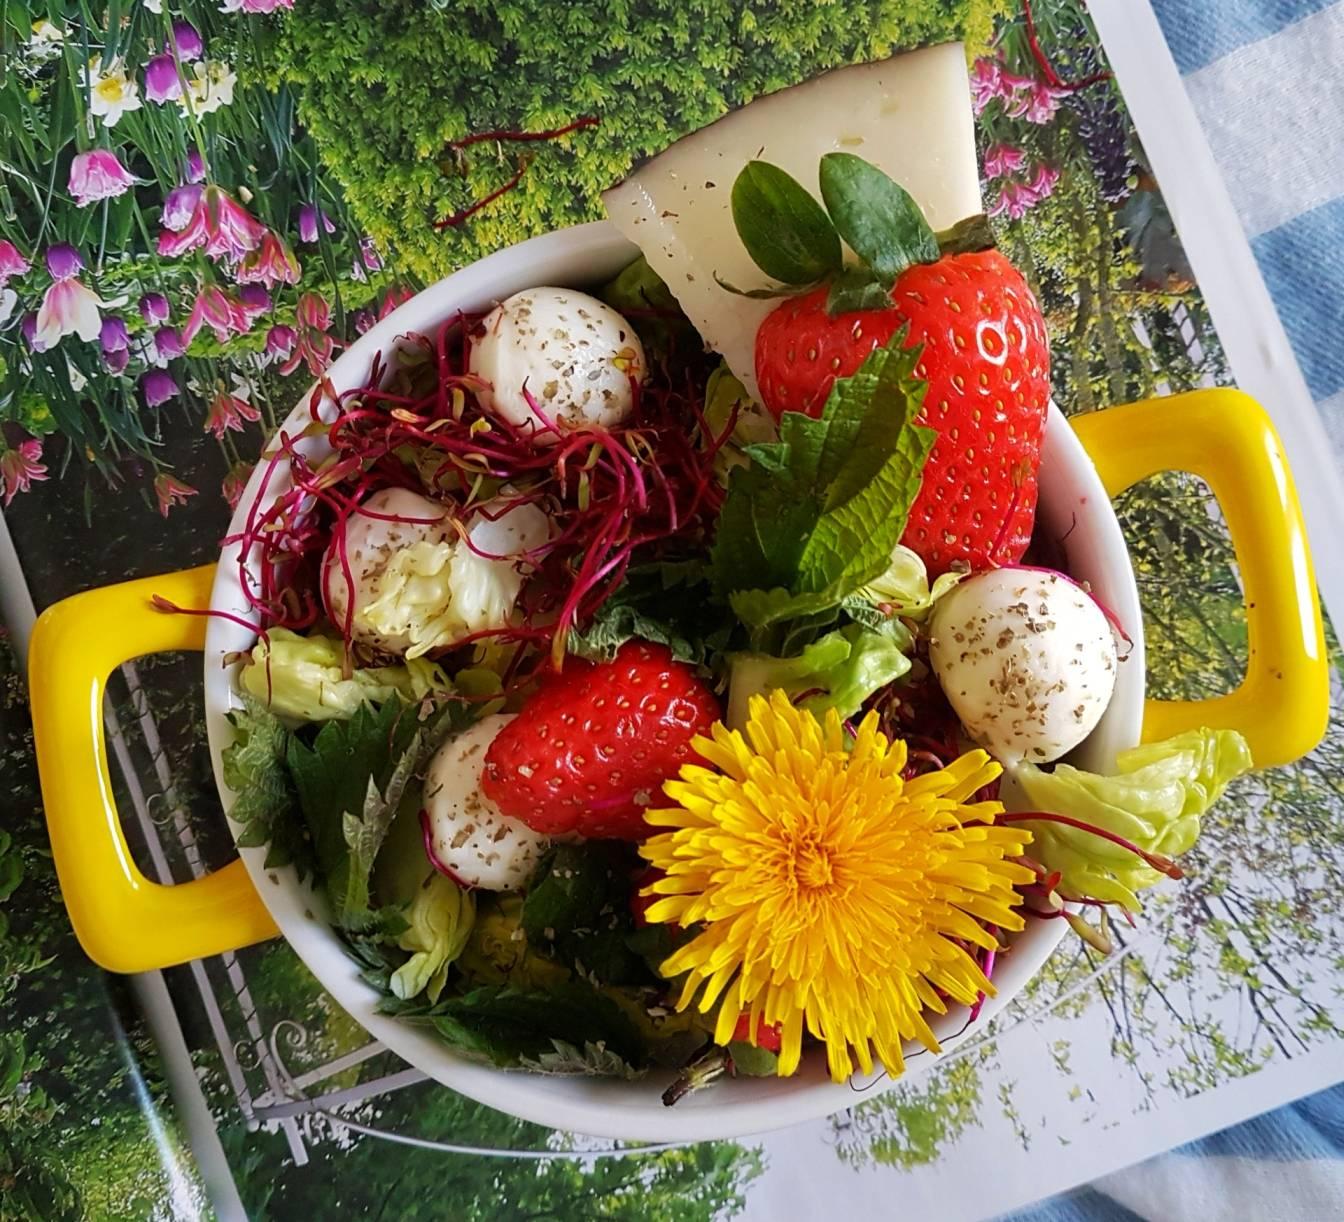 Sałatka ogórkowo-owocowa z pokrzywą i lekkim sosem na bazie szczawiku zajęczego - przepisy na chwasty Agnieszki Żelazko.